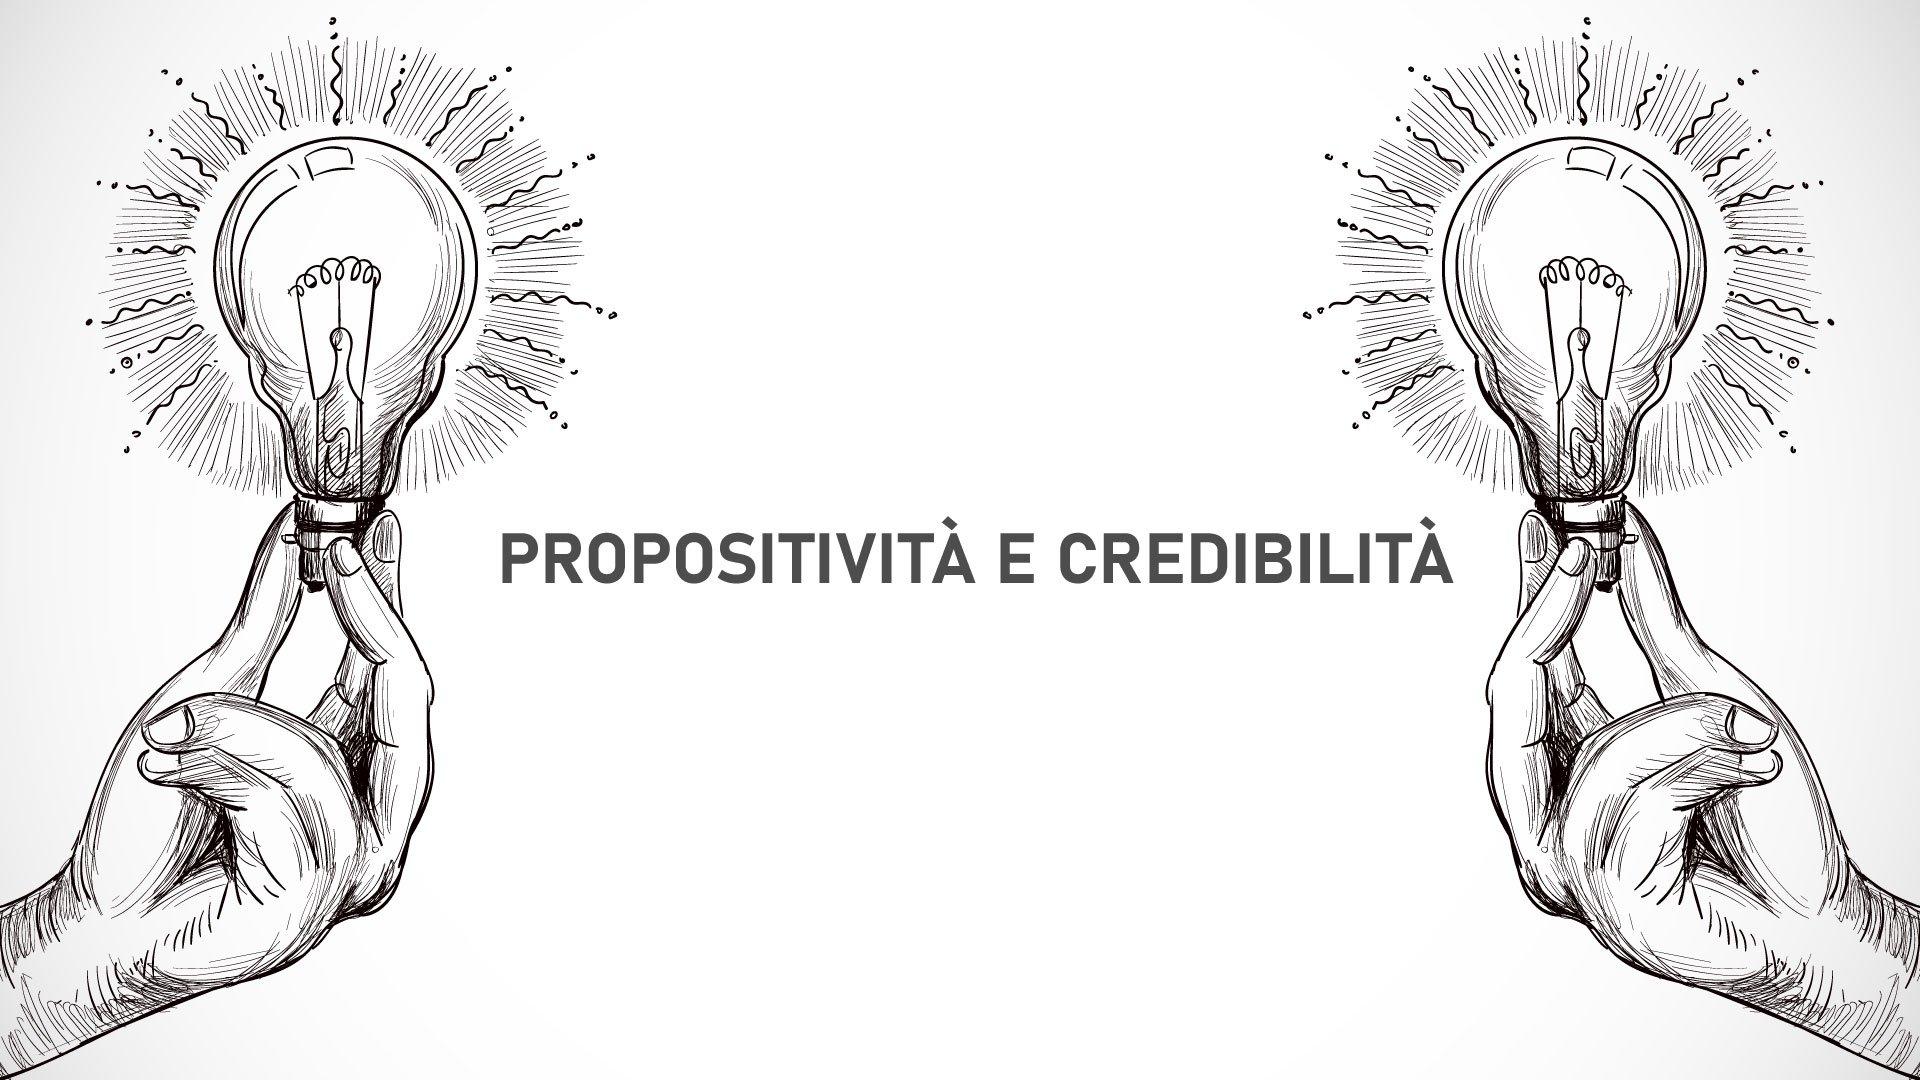 Uno spazio propositivo e credibile